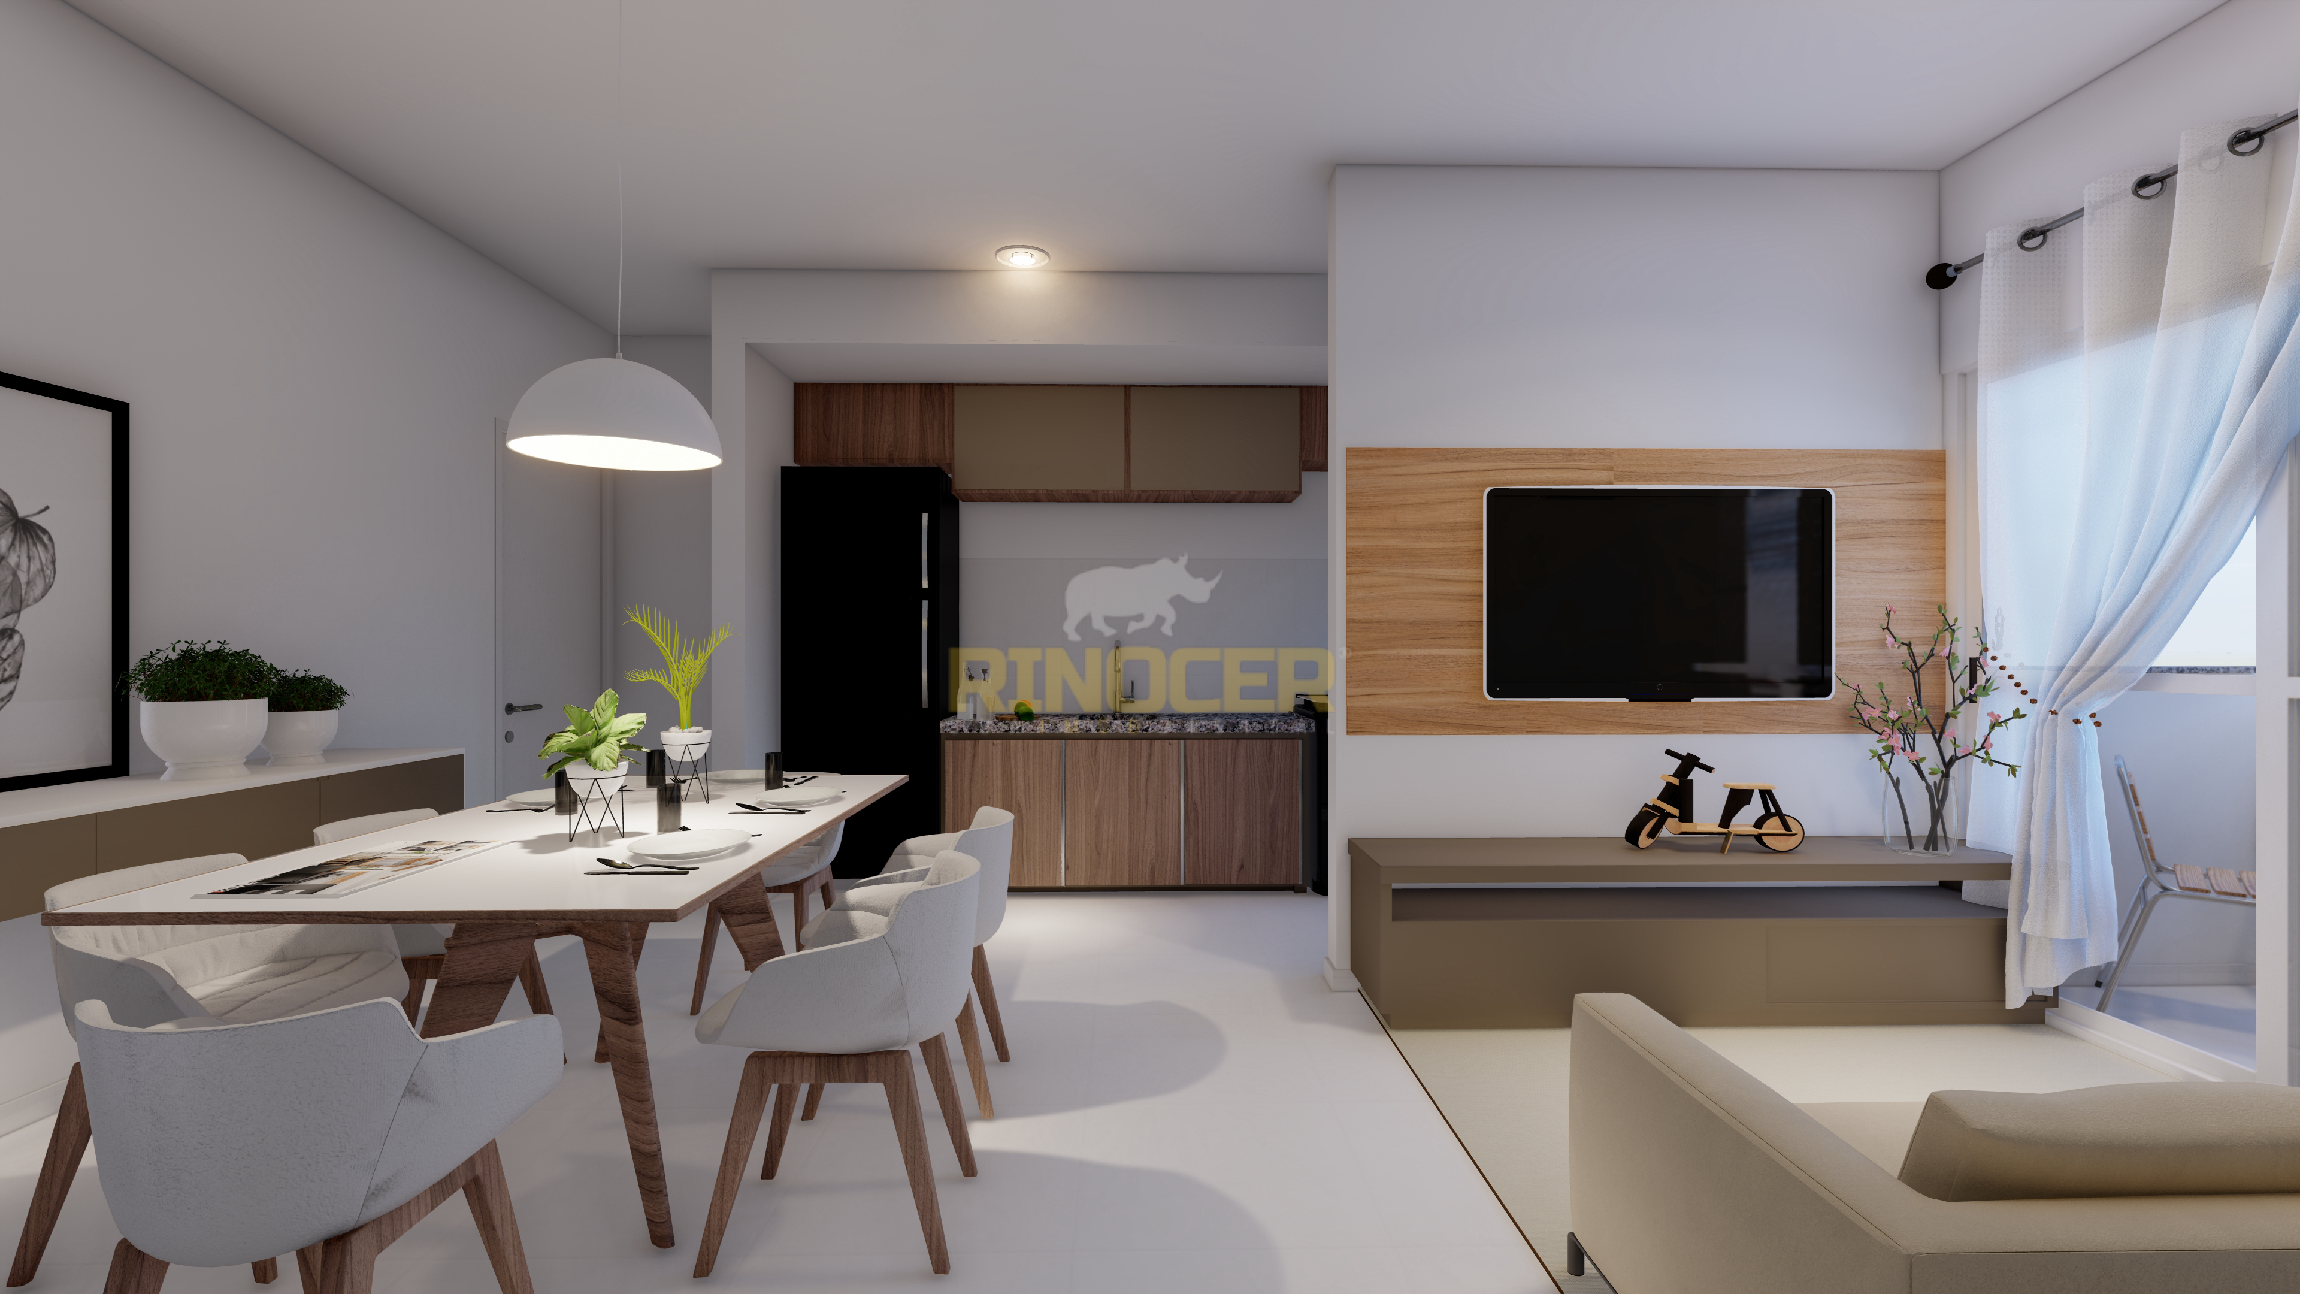 https://static.arboimoveis.com.br/AP1027_RNCR/apartamentoavendajardimholandauberlandiamg_1627501251722_watermark.jpg